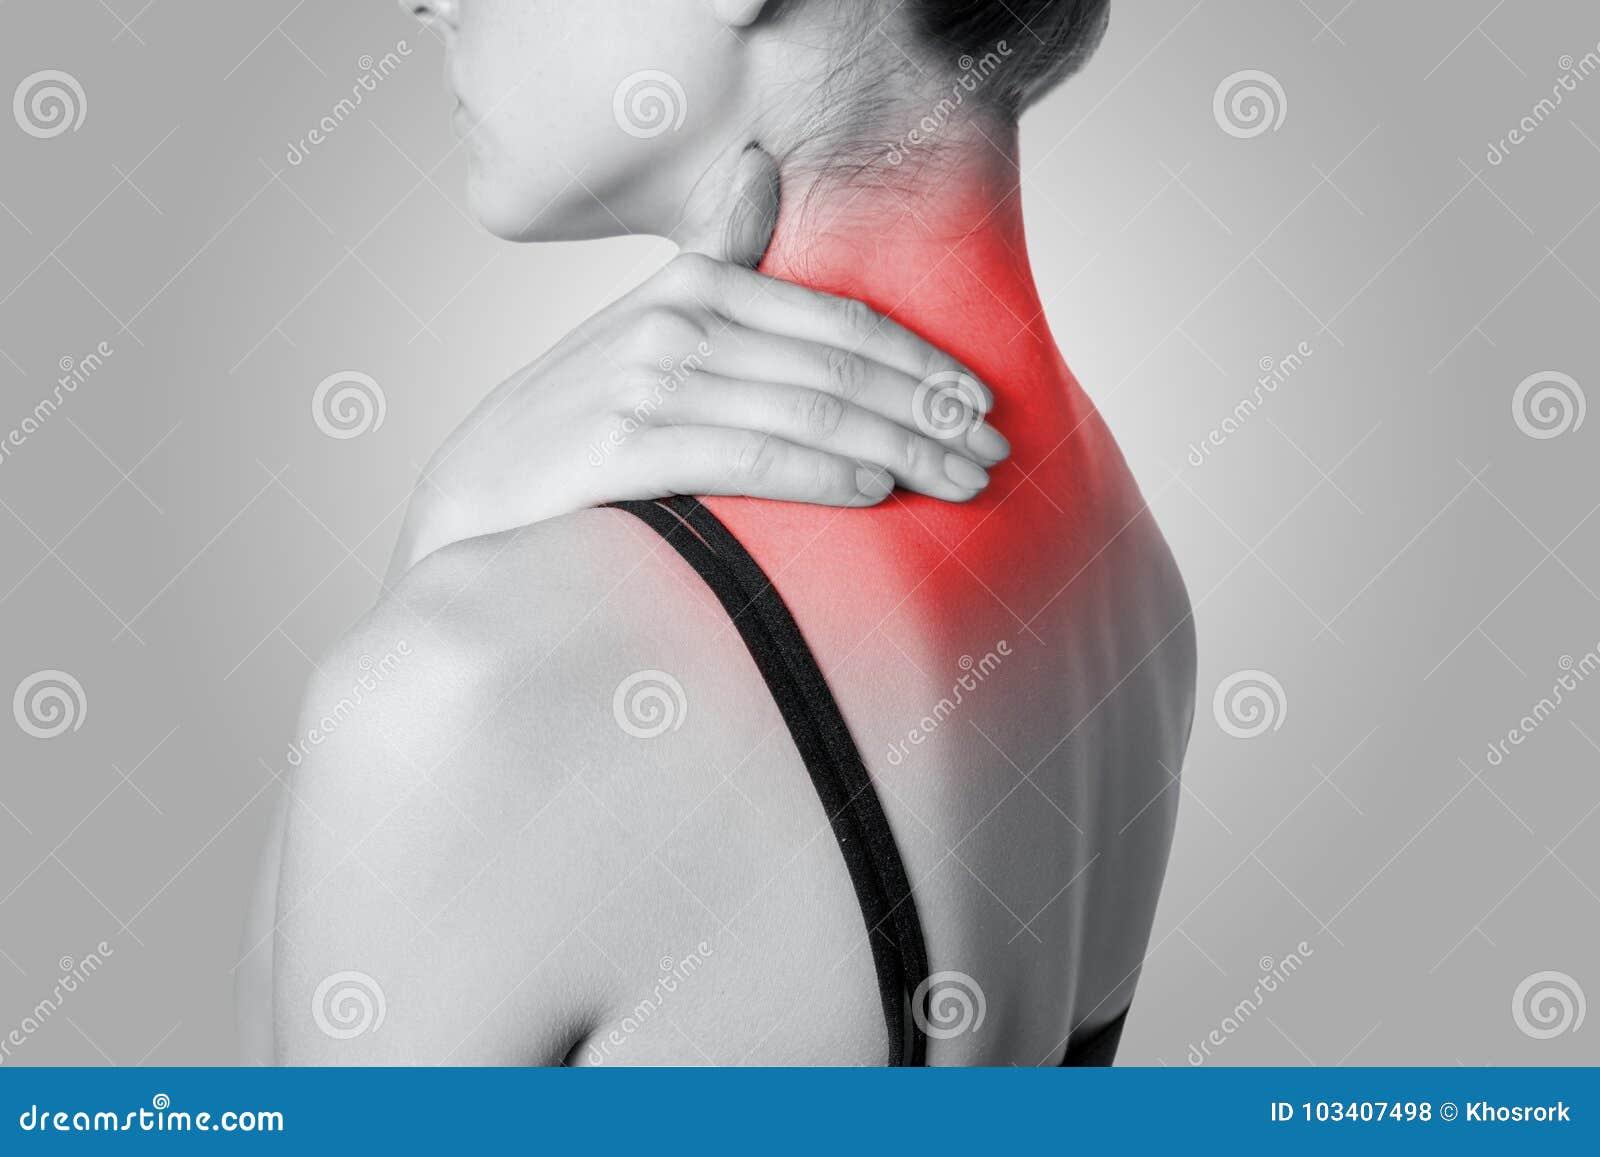 Dolor en hombros y cuello